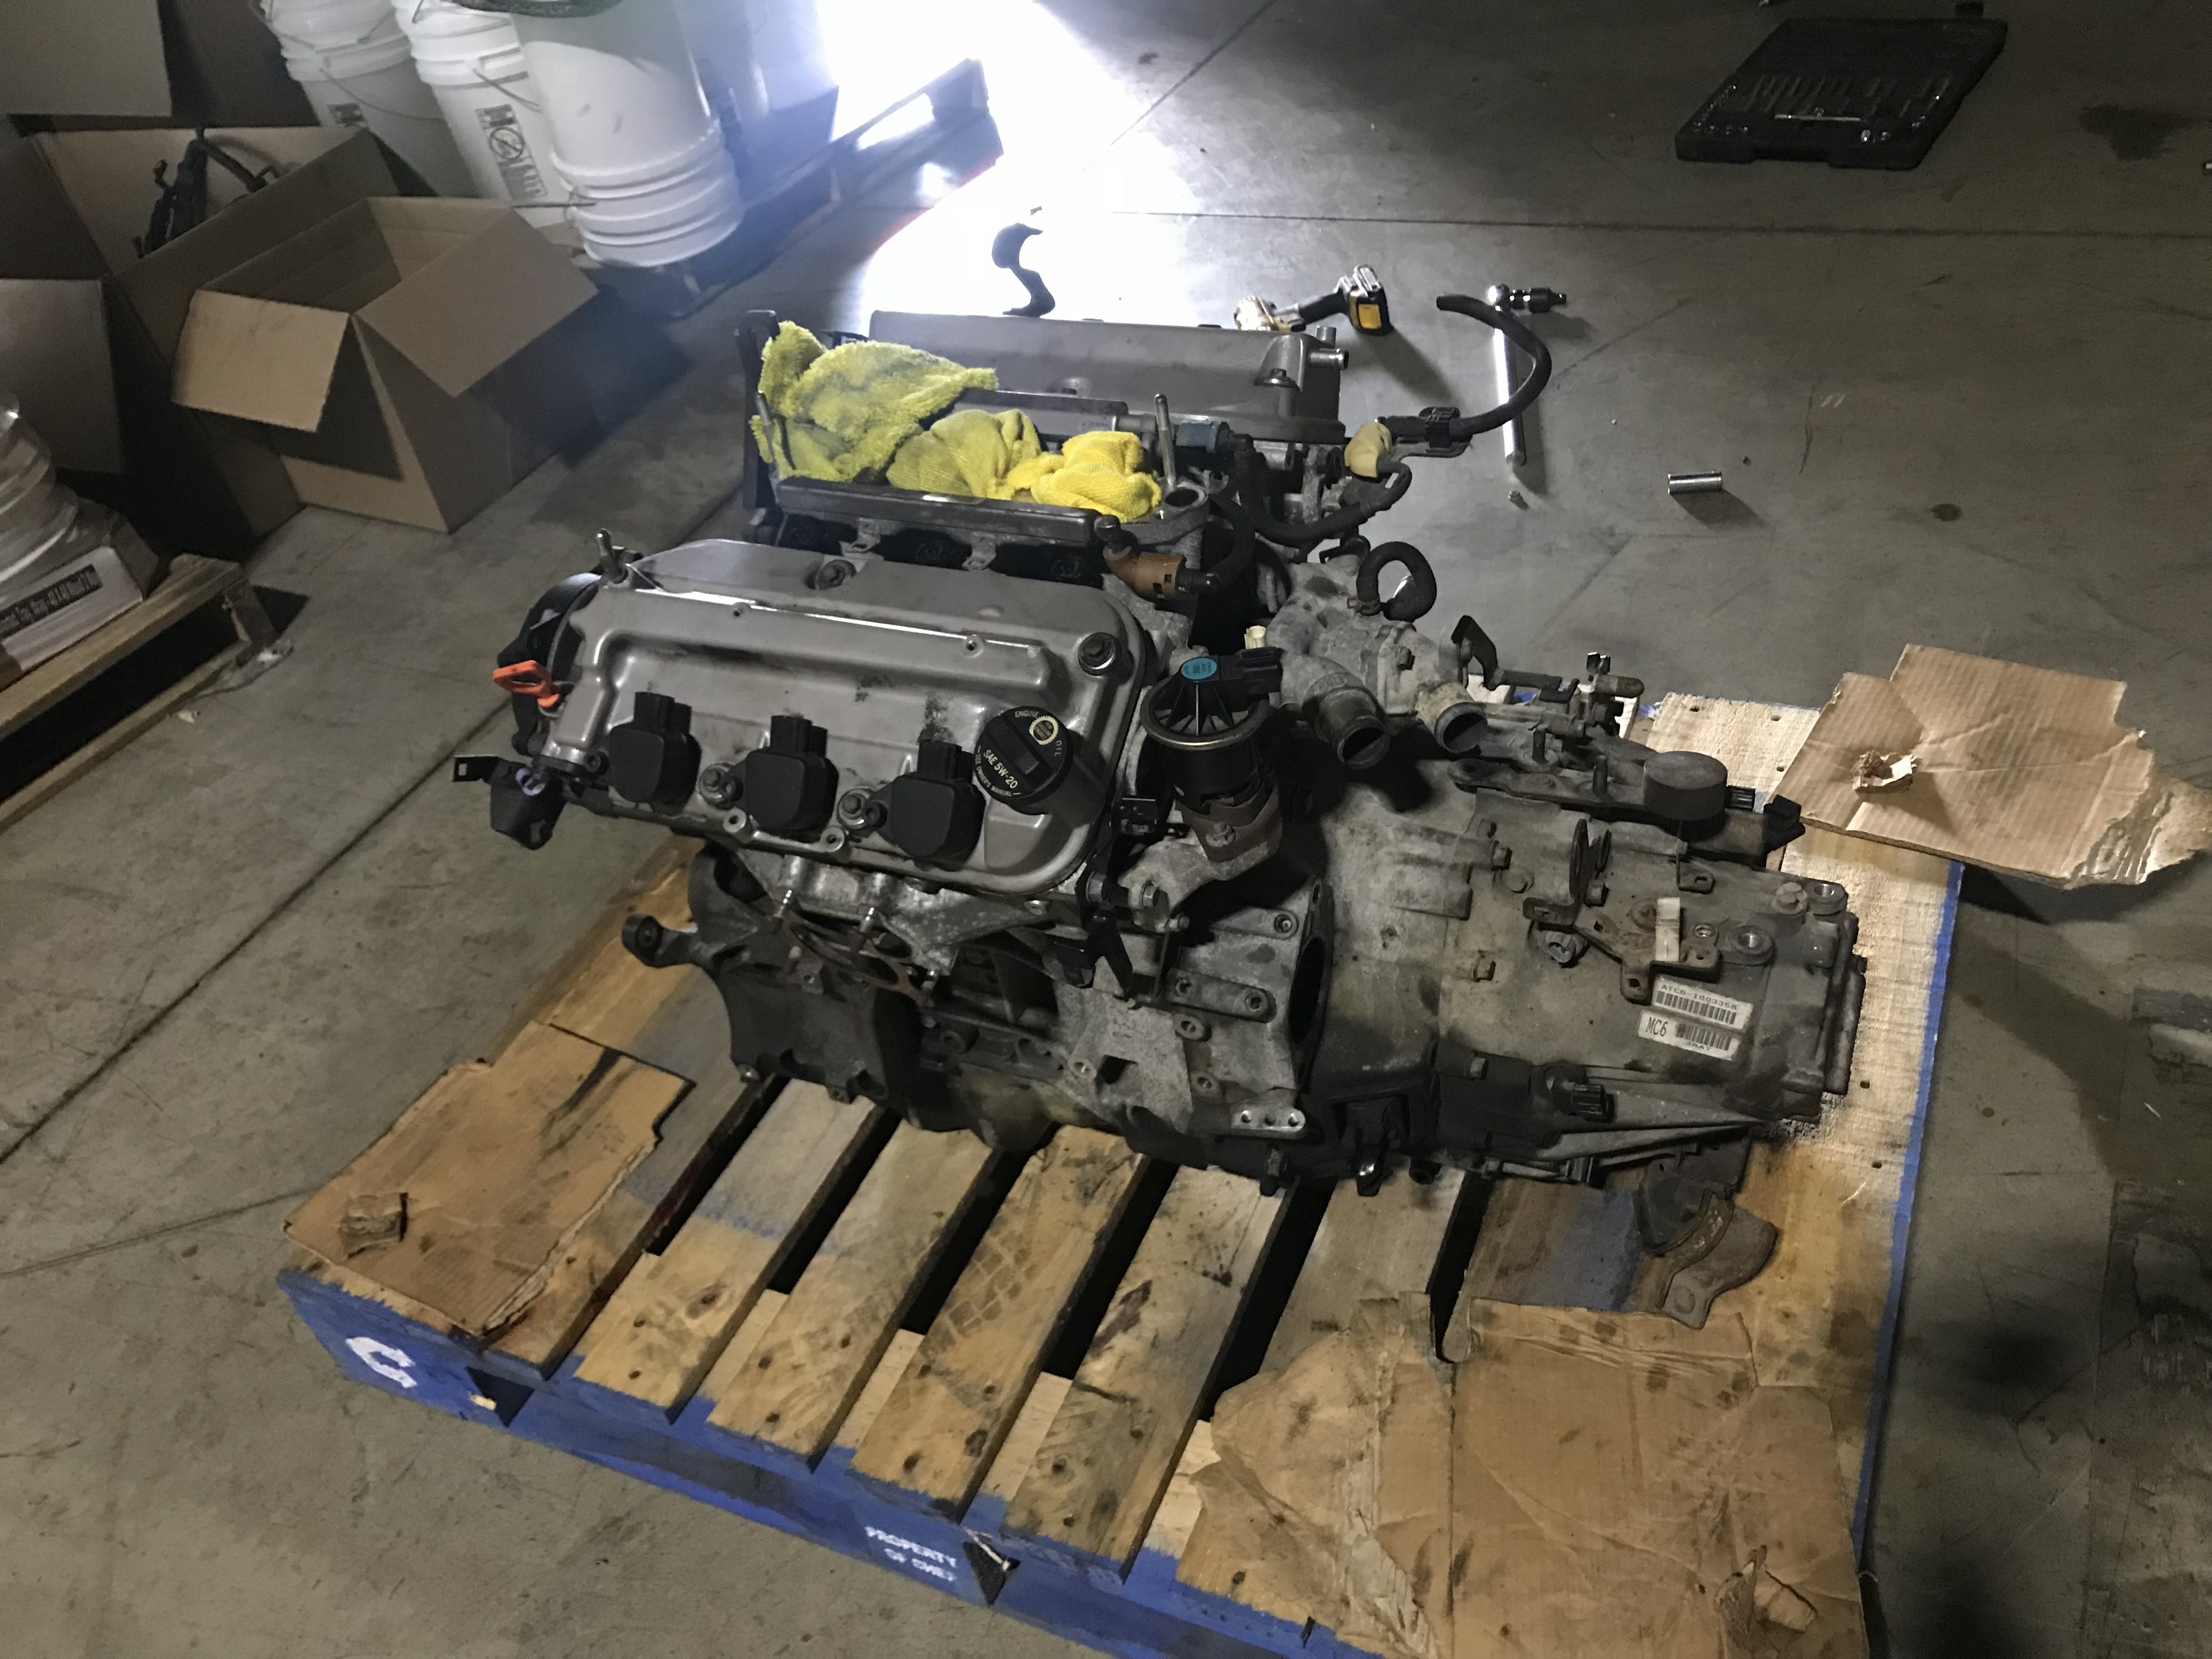 3.2 TL motor swapped success-43fe5f21-3ea4-4983-a510-4af43e9bb1b5_1529000269219.jpeg